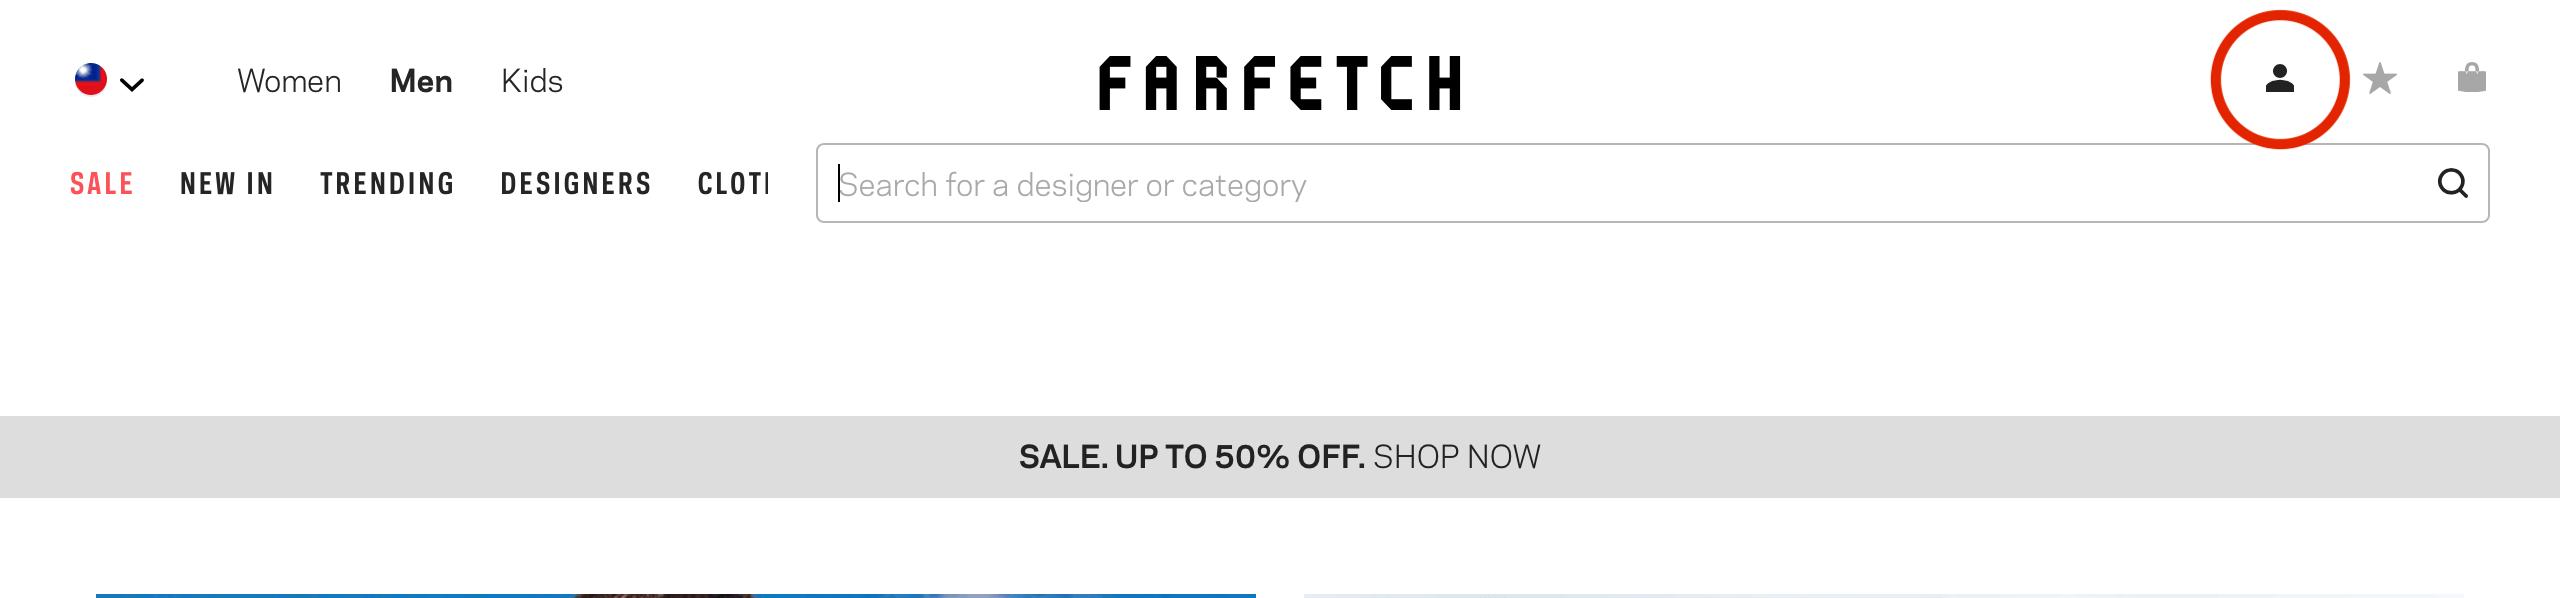 2019 farfetch 網購教學註冊帳號